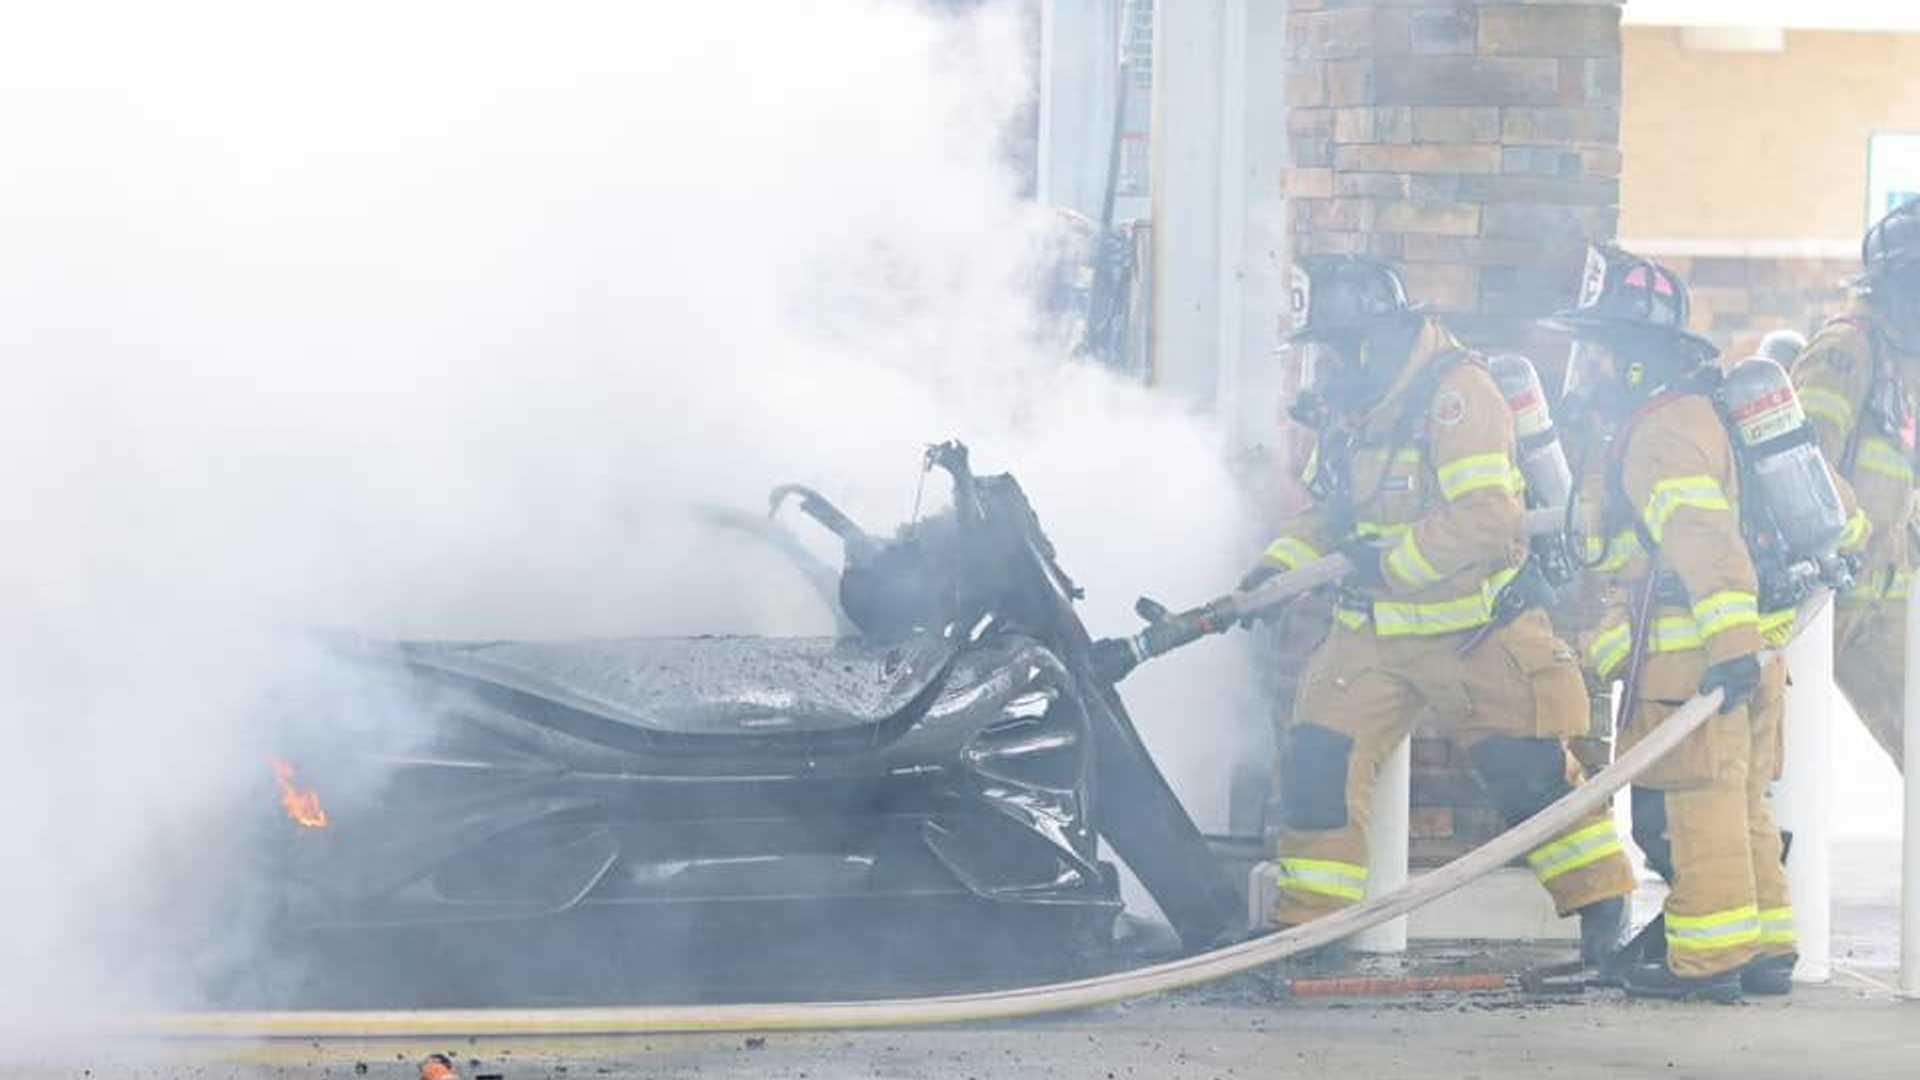 Une McLaren 765LT dévastée par un incendie dans une station service